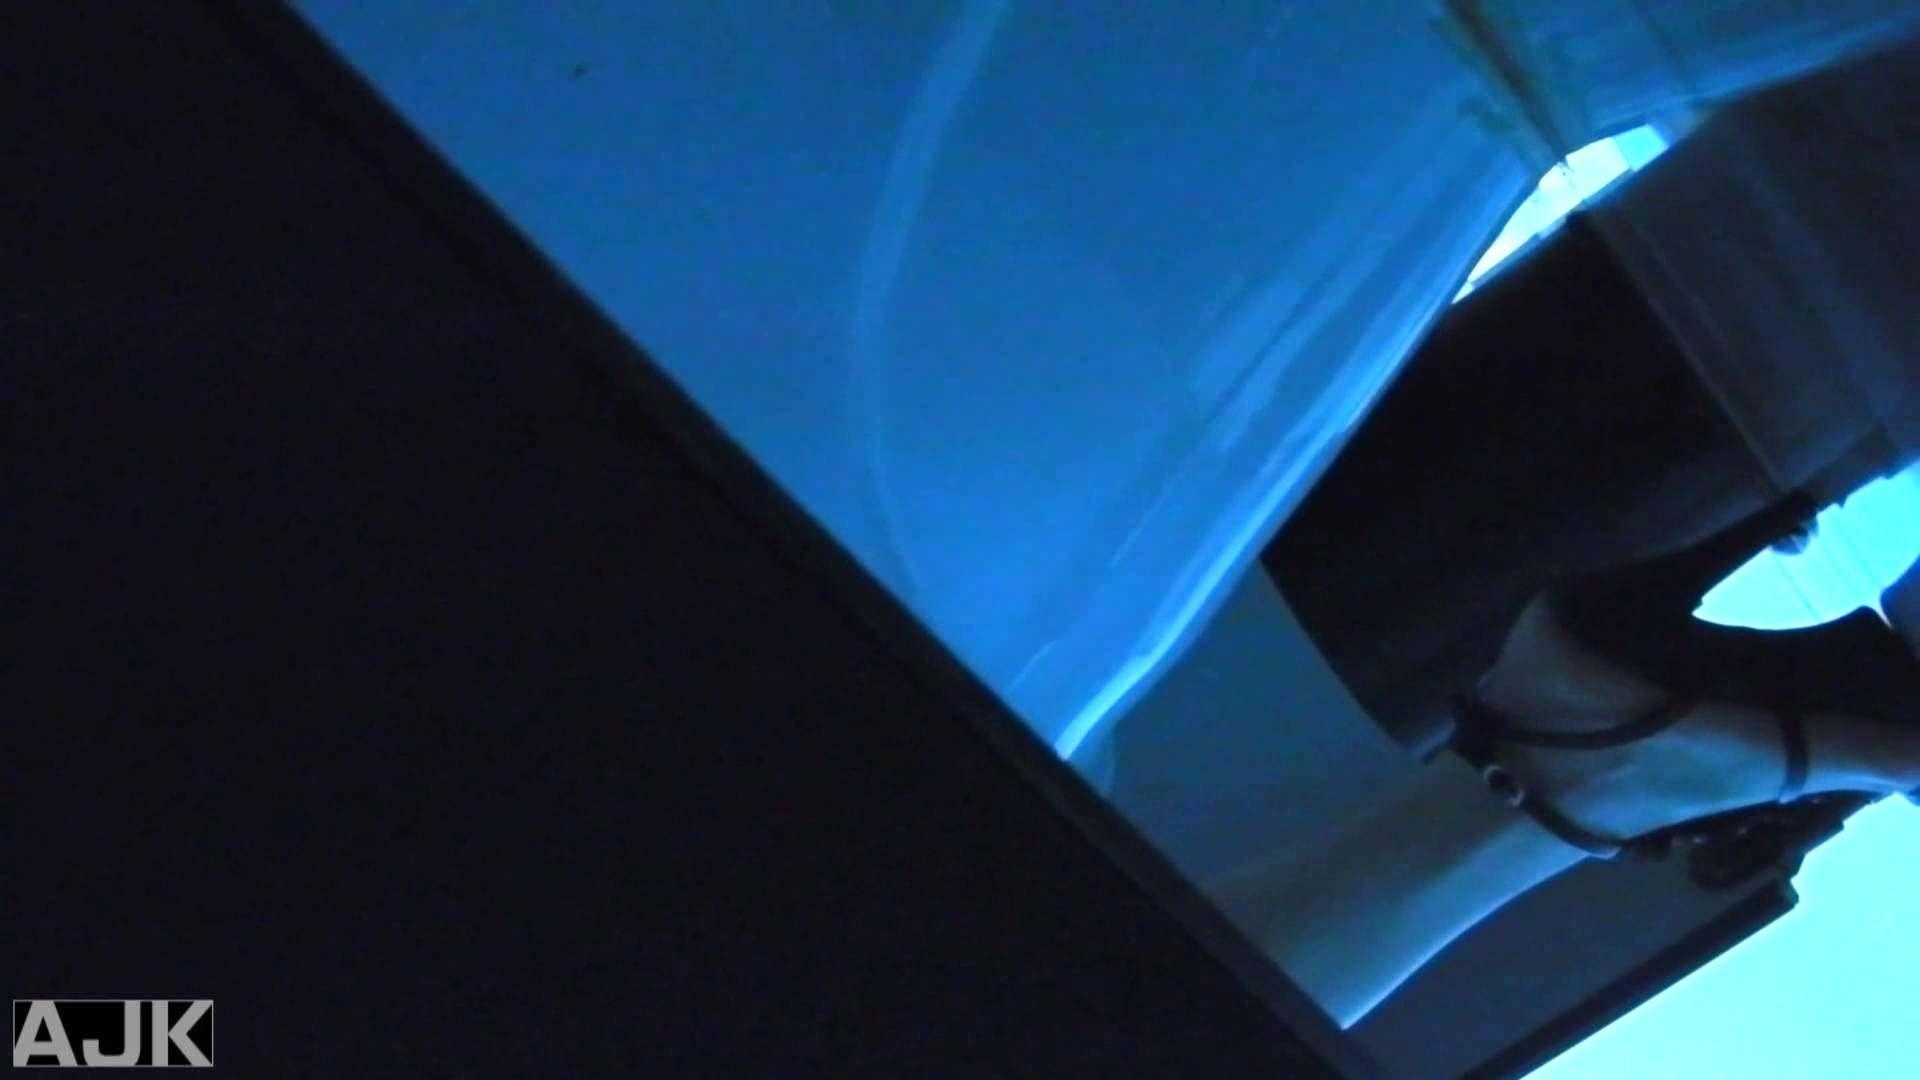 神降臨!史上最強の潜入かわや! vol.12 マンコ オメコ無修正動画無料 84連発 36